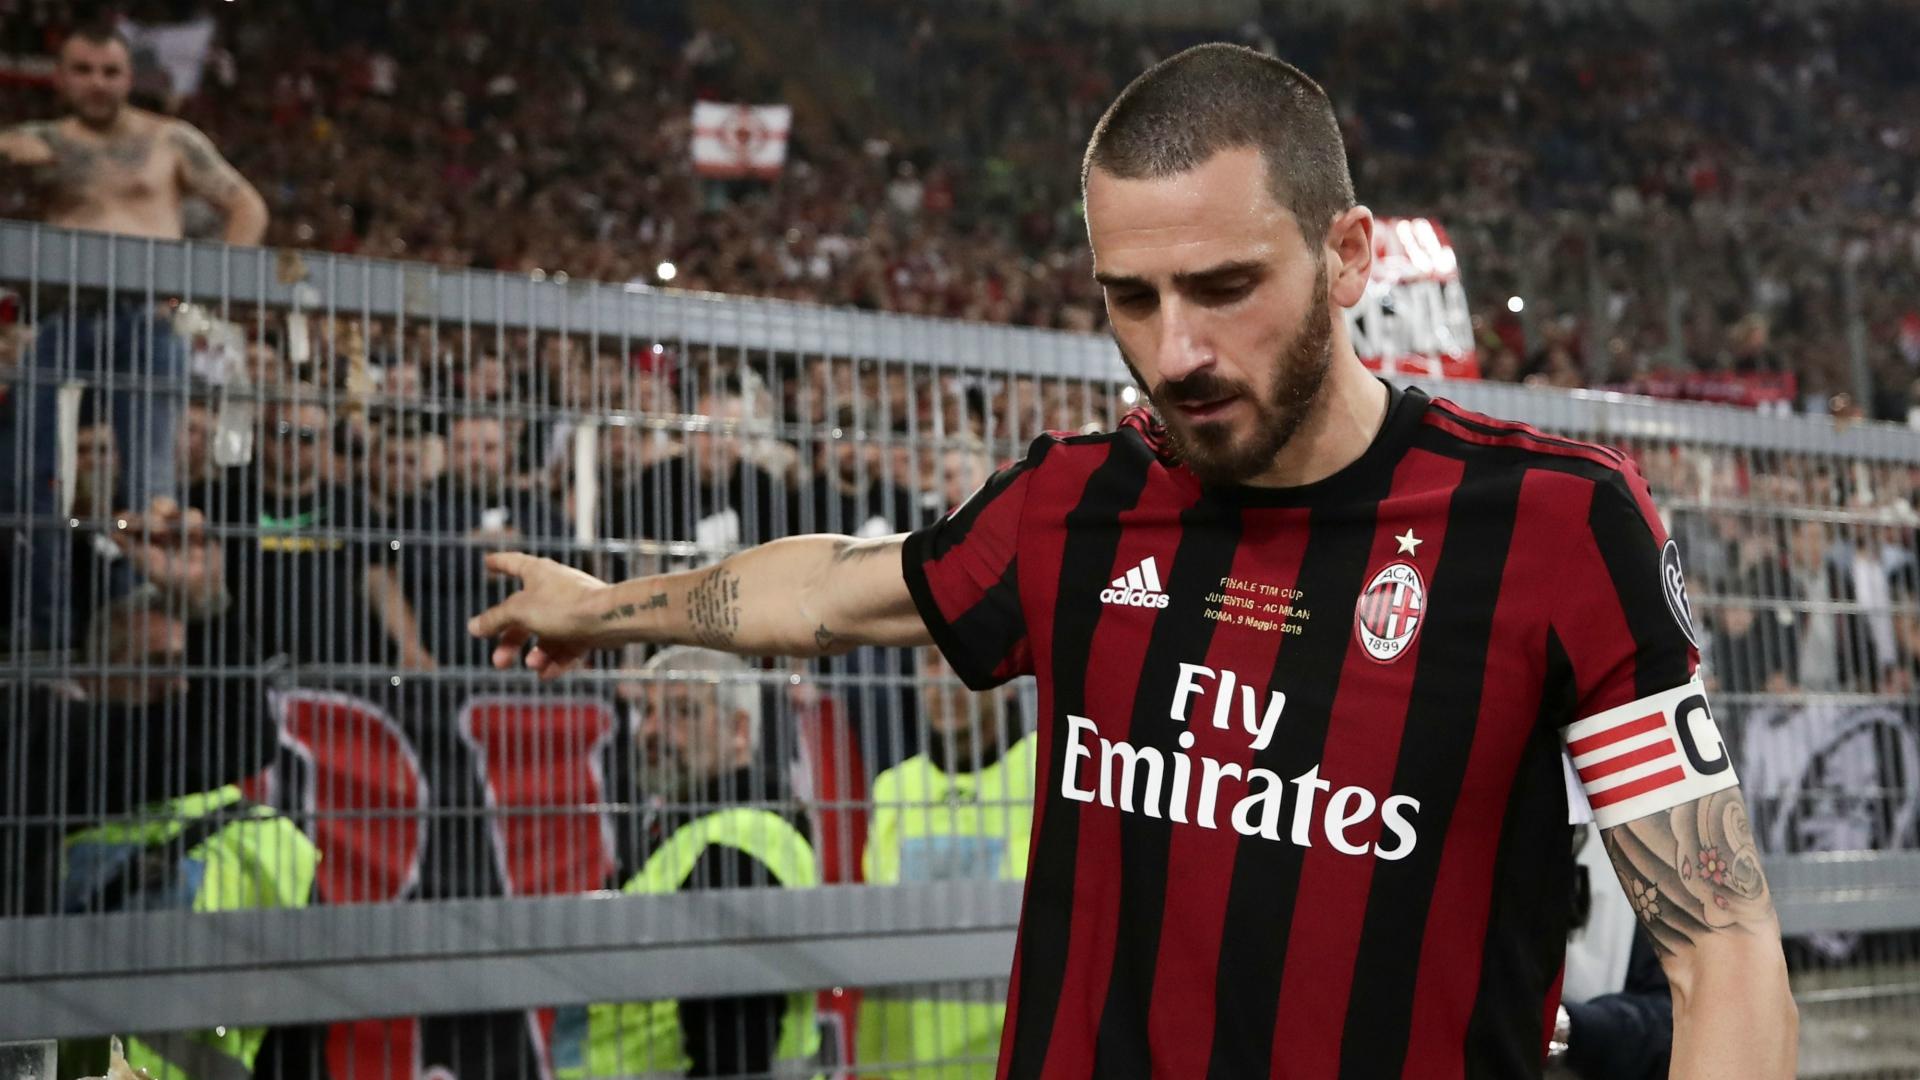 """Tân HLV trưởng Juventus: """"Bonucci thích đeo băng đội trưởng thì tự đi ra đường mà mua!"""" - Ảnh 3."""